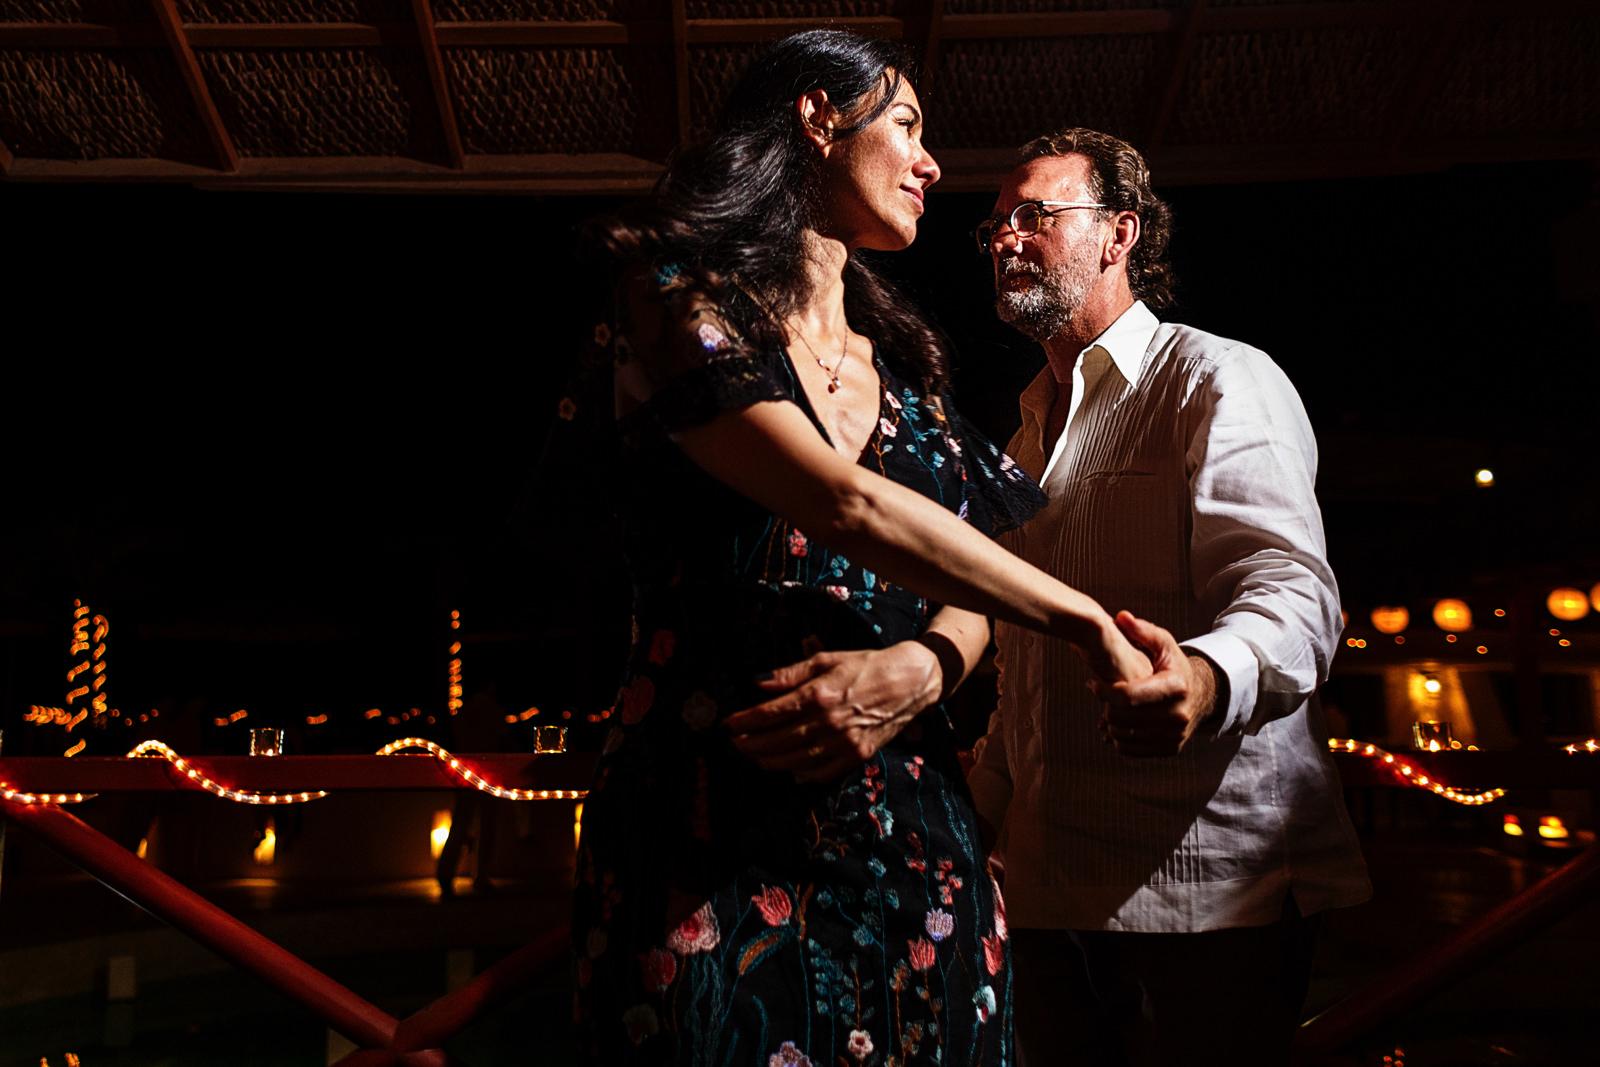 wedding_guests_dancing